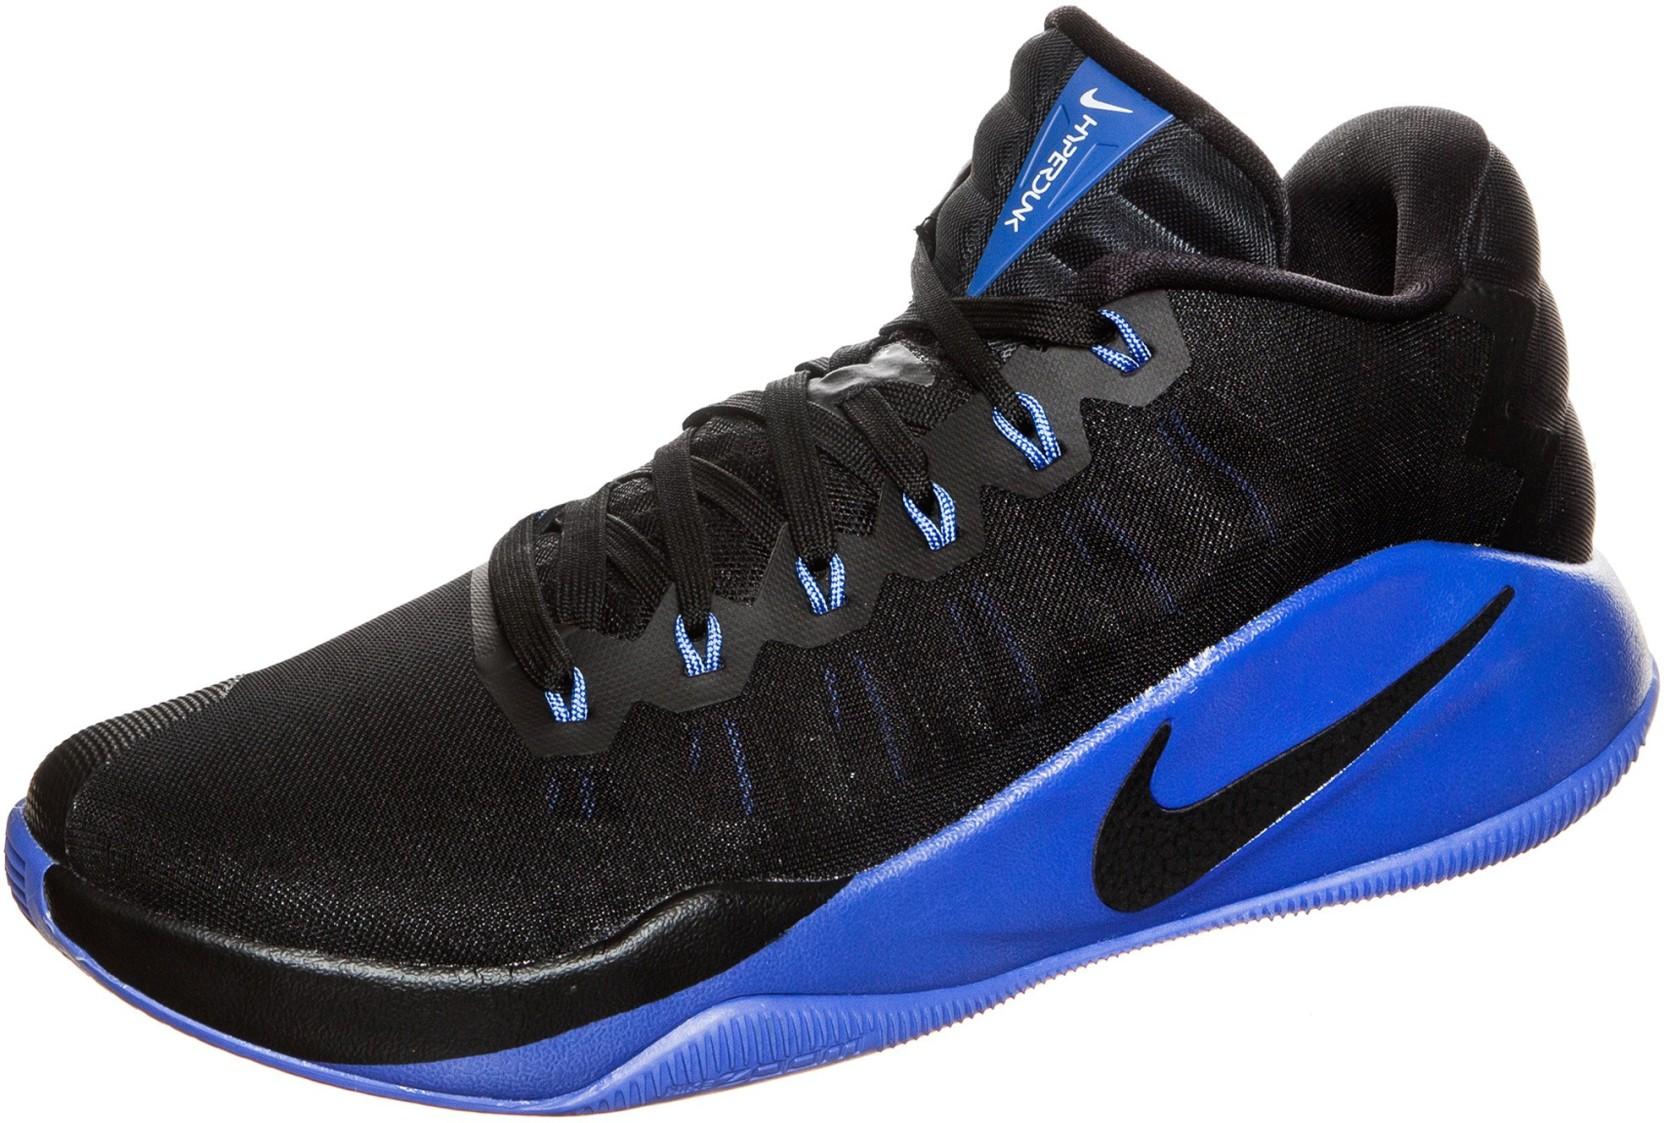 new styles 6de9d b4849 ... denmark nike hyperdunk 2016 low basketball shoes for men black 3b870  897c0